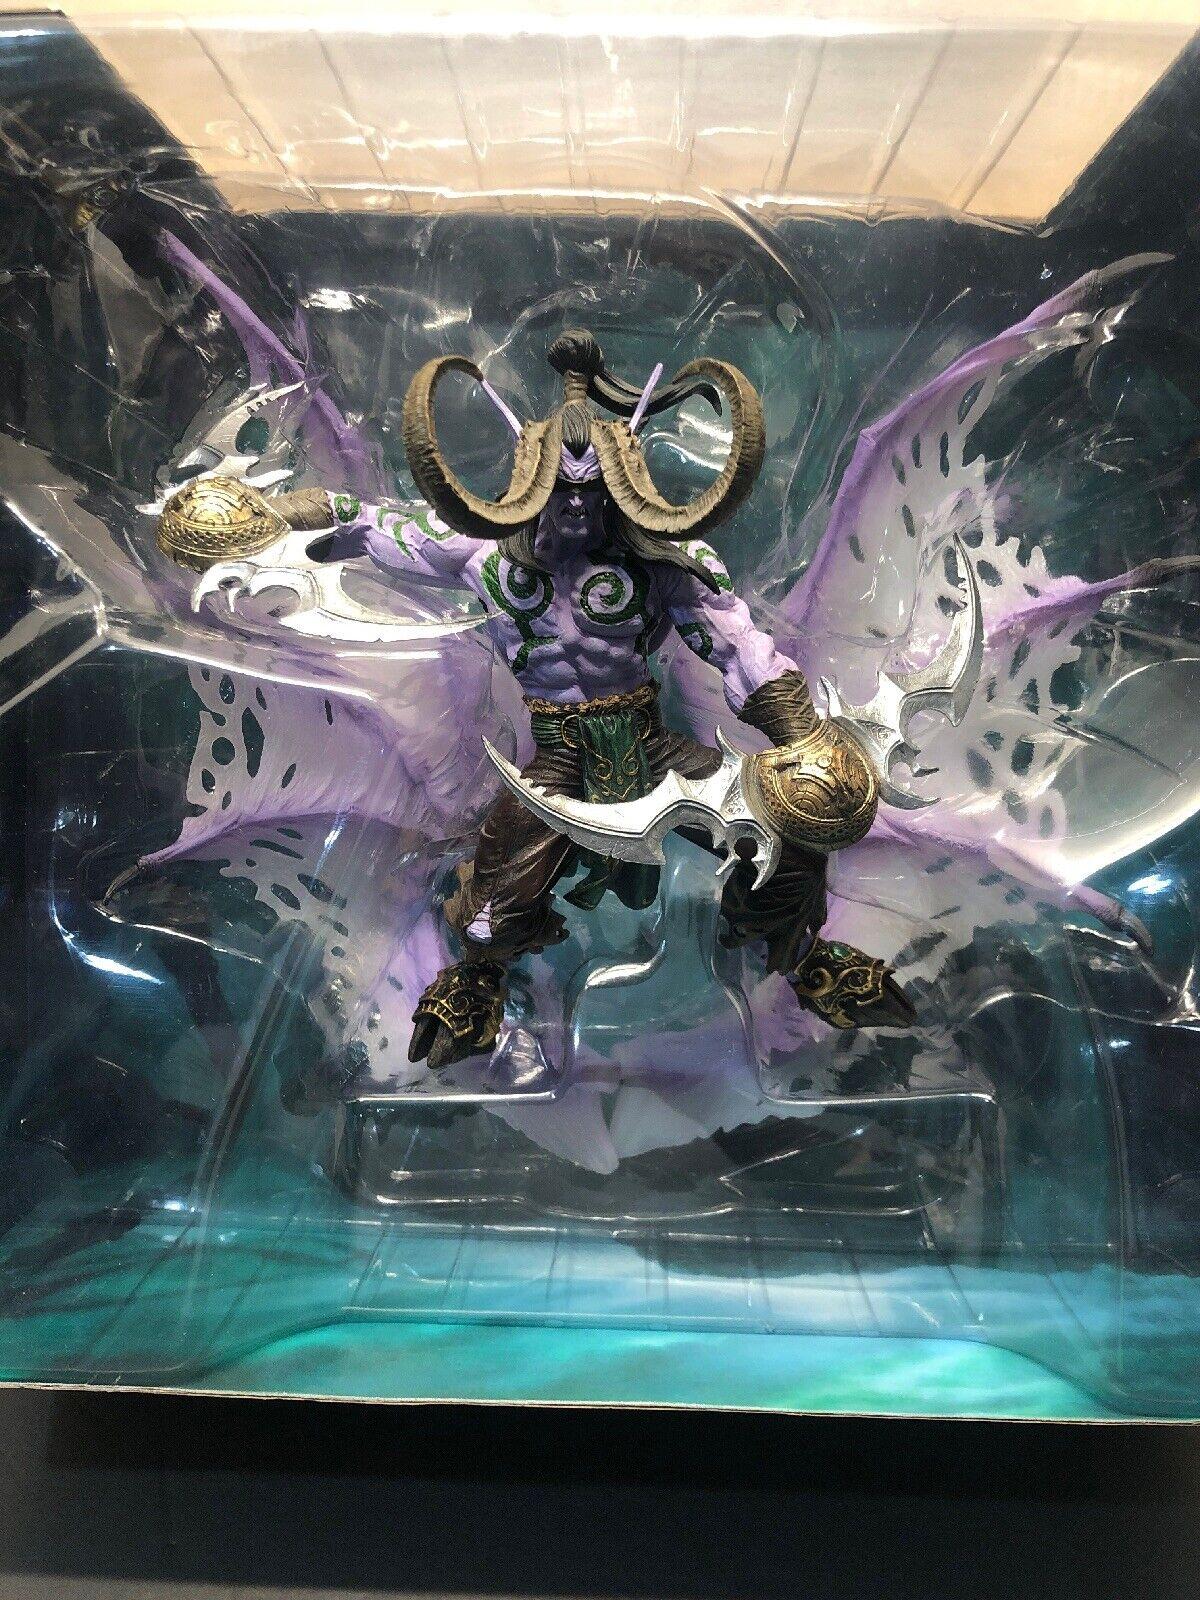 World of Warcraft Illidan Stormrage Stormrage Deluxe coleccionista de forma de demonio figura  Entrega gratuita y rápida disponible.